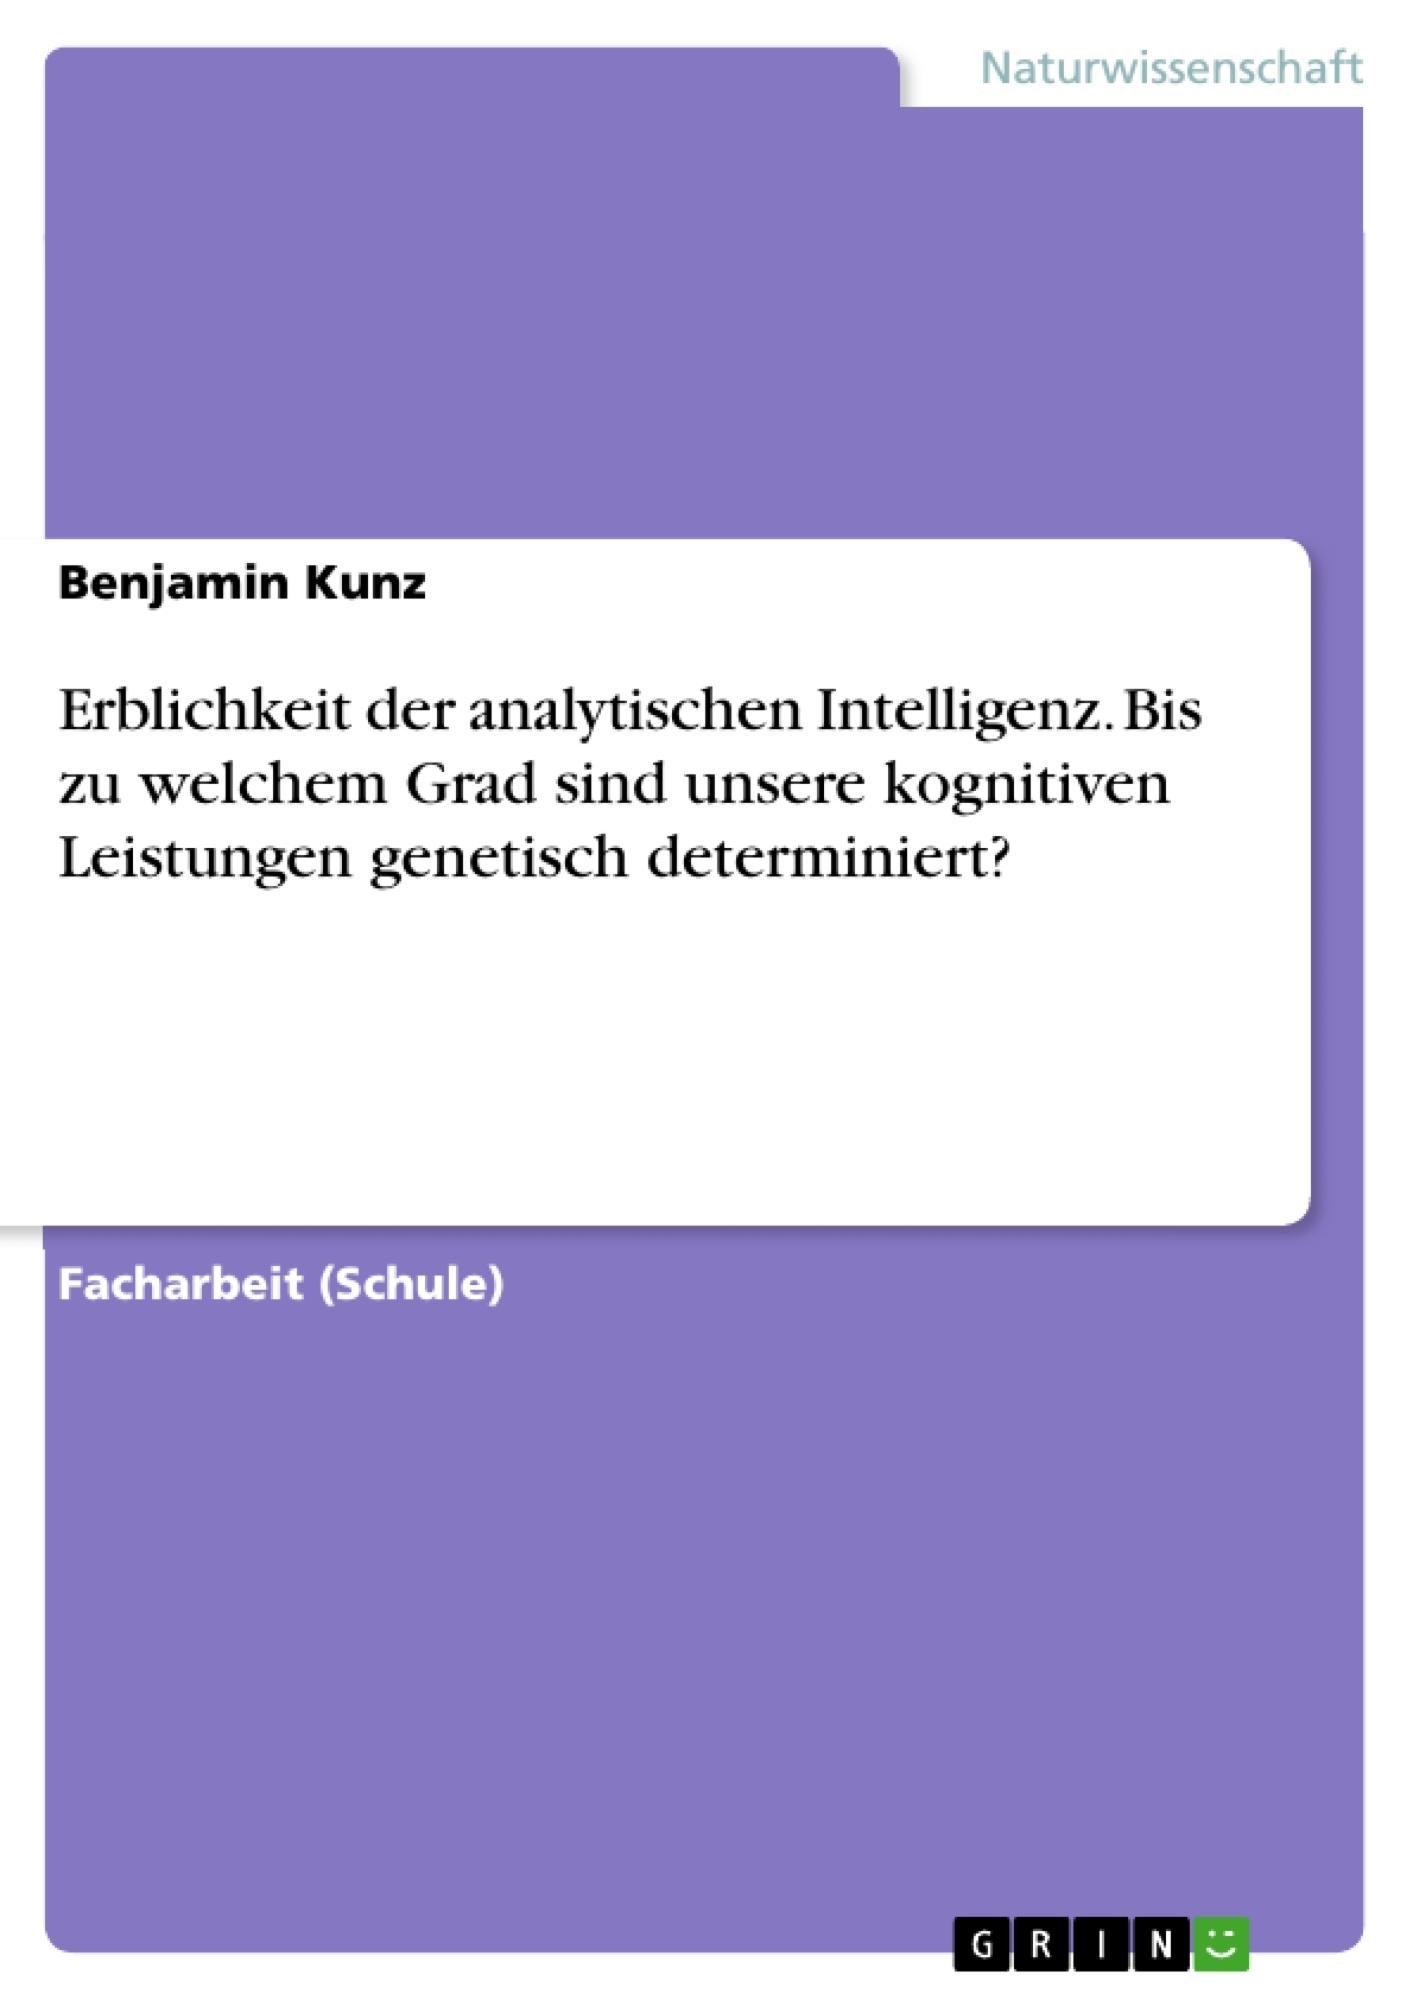 Titel: Erblichkeit der analytischen Intelligenz. Bis zu welchem Grad sind unsere kognitiven Leistungen genetisch determiniert?